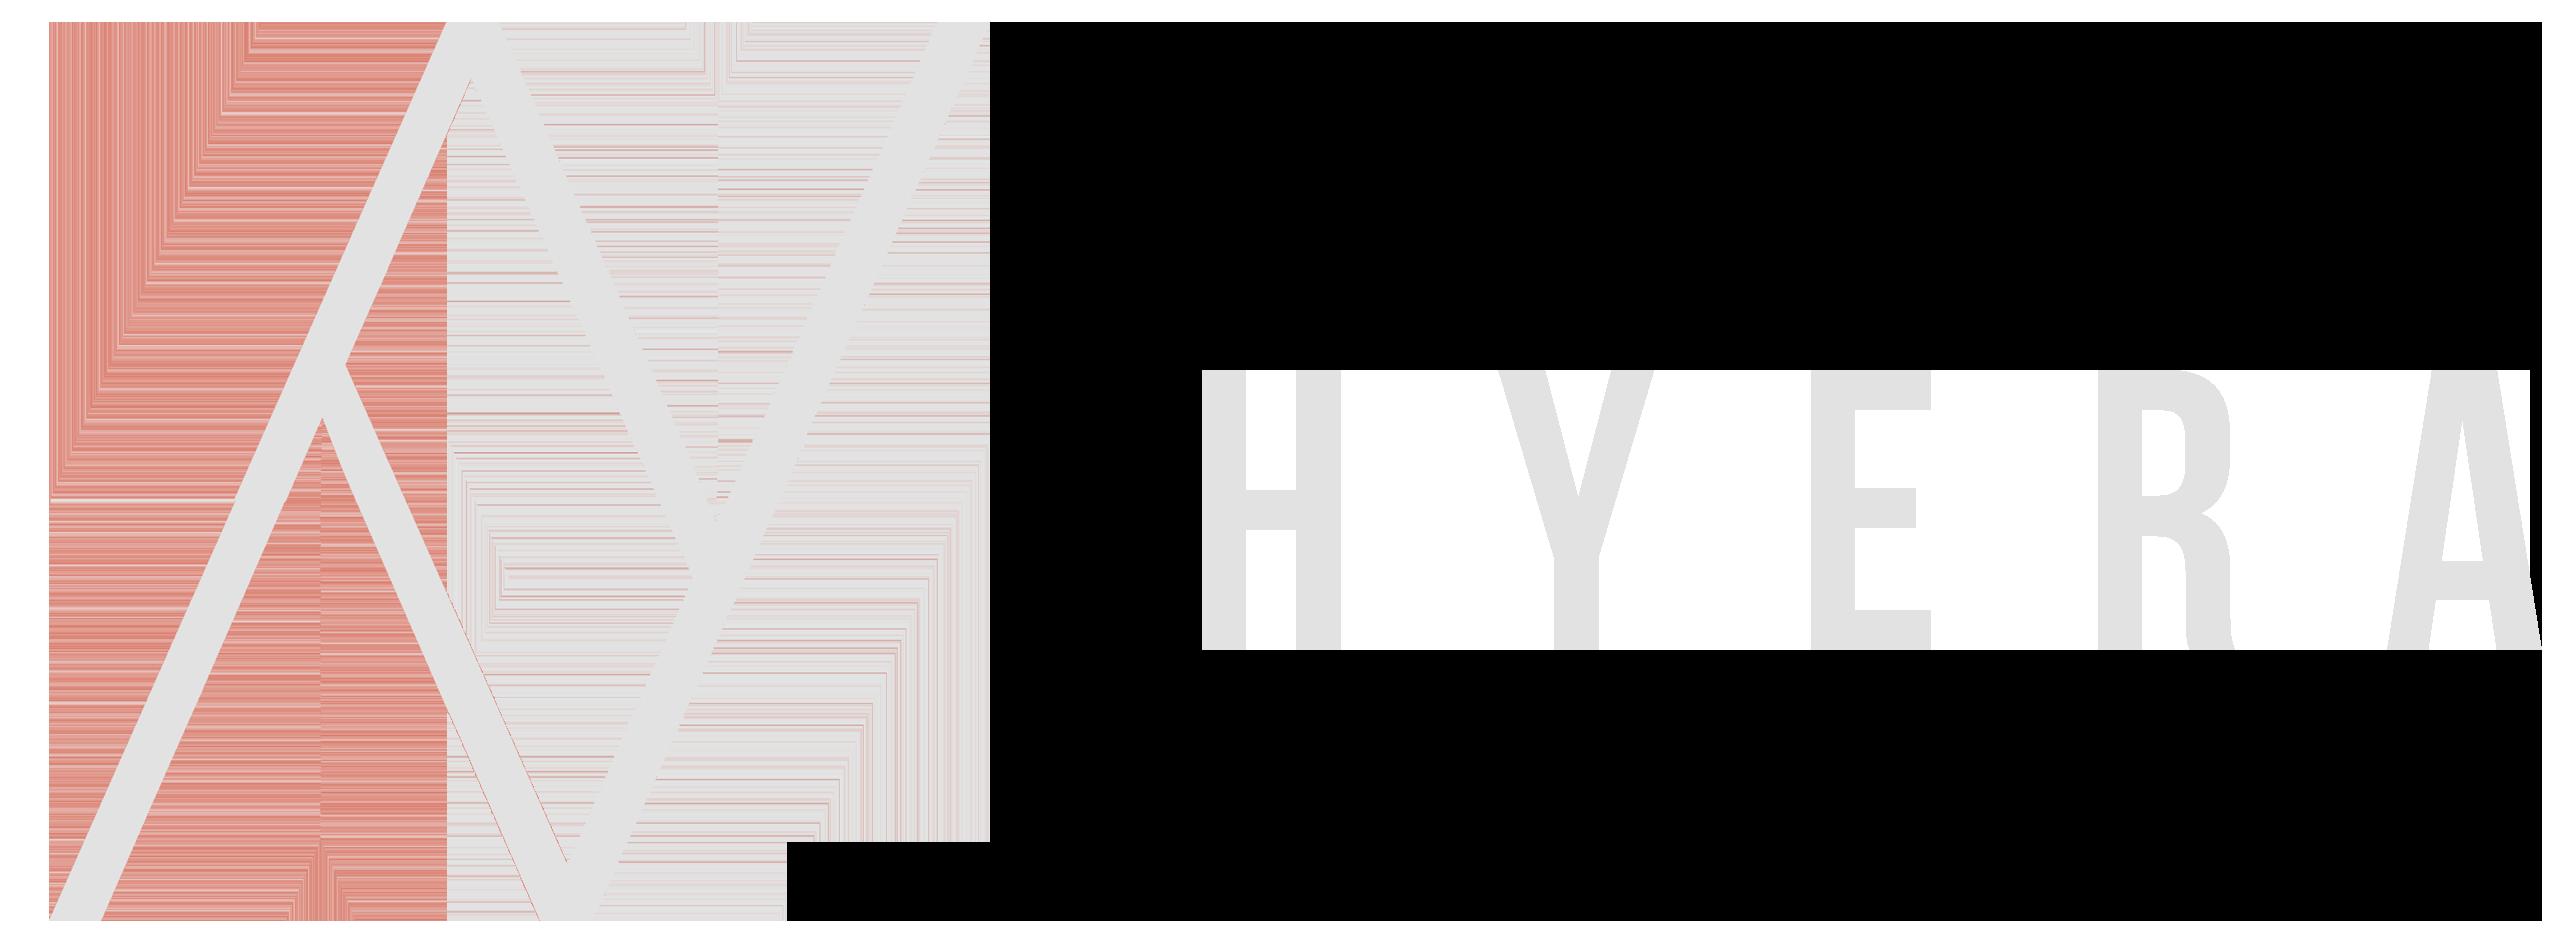 Hyera